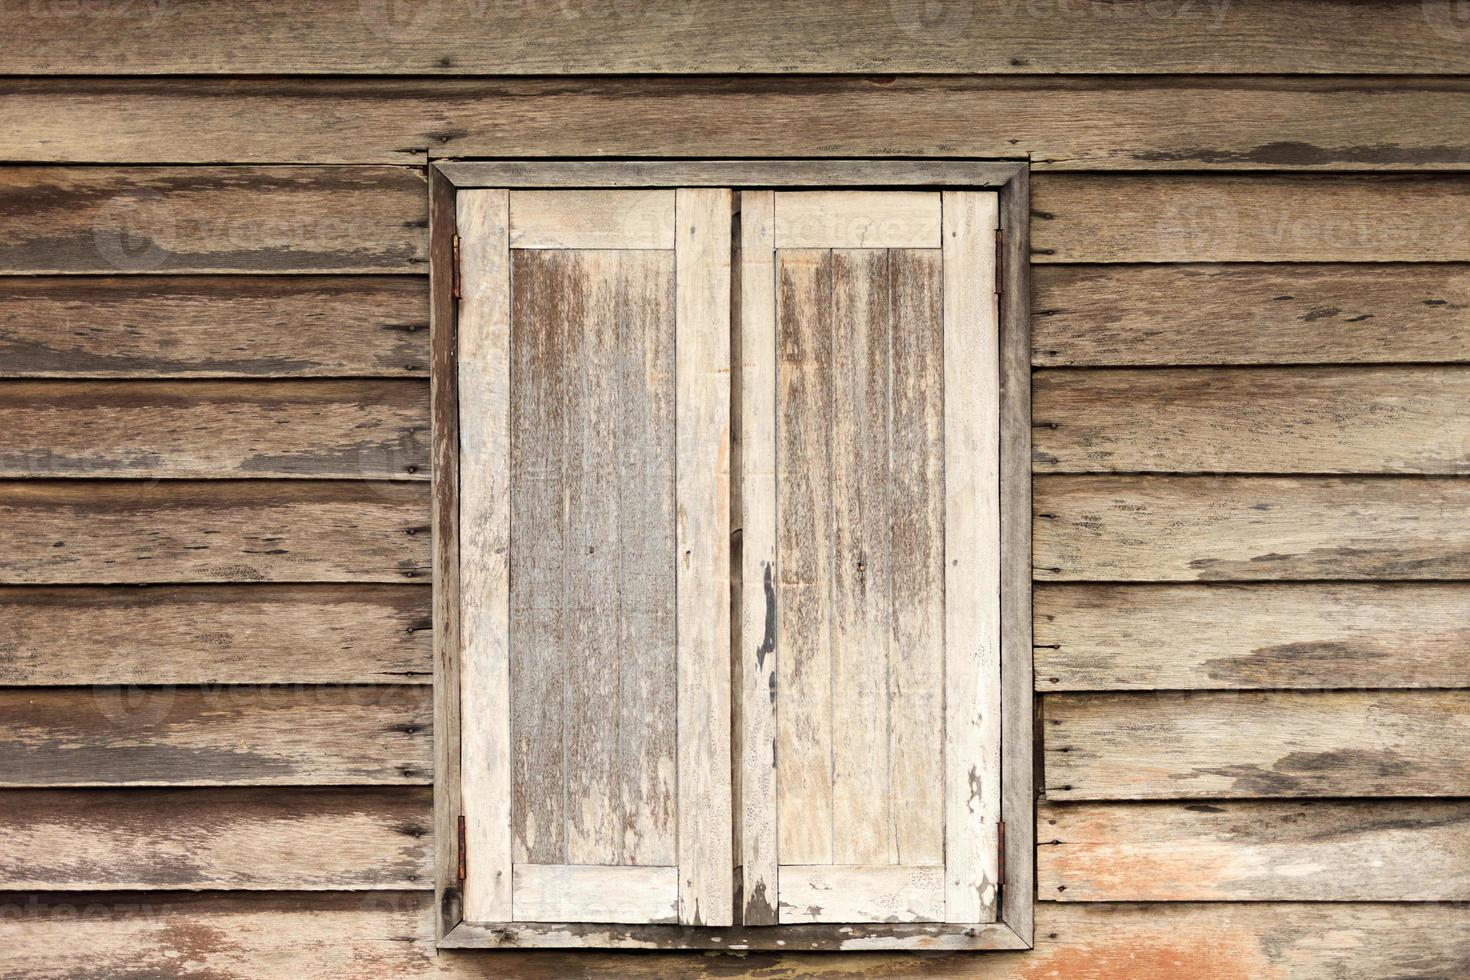 fond de bois de fenêtre murale photo